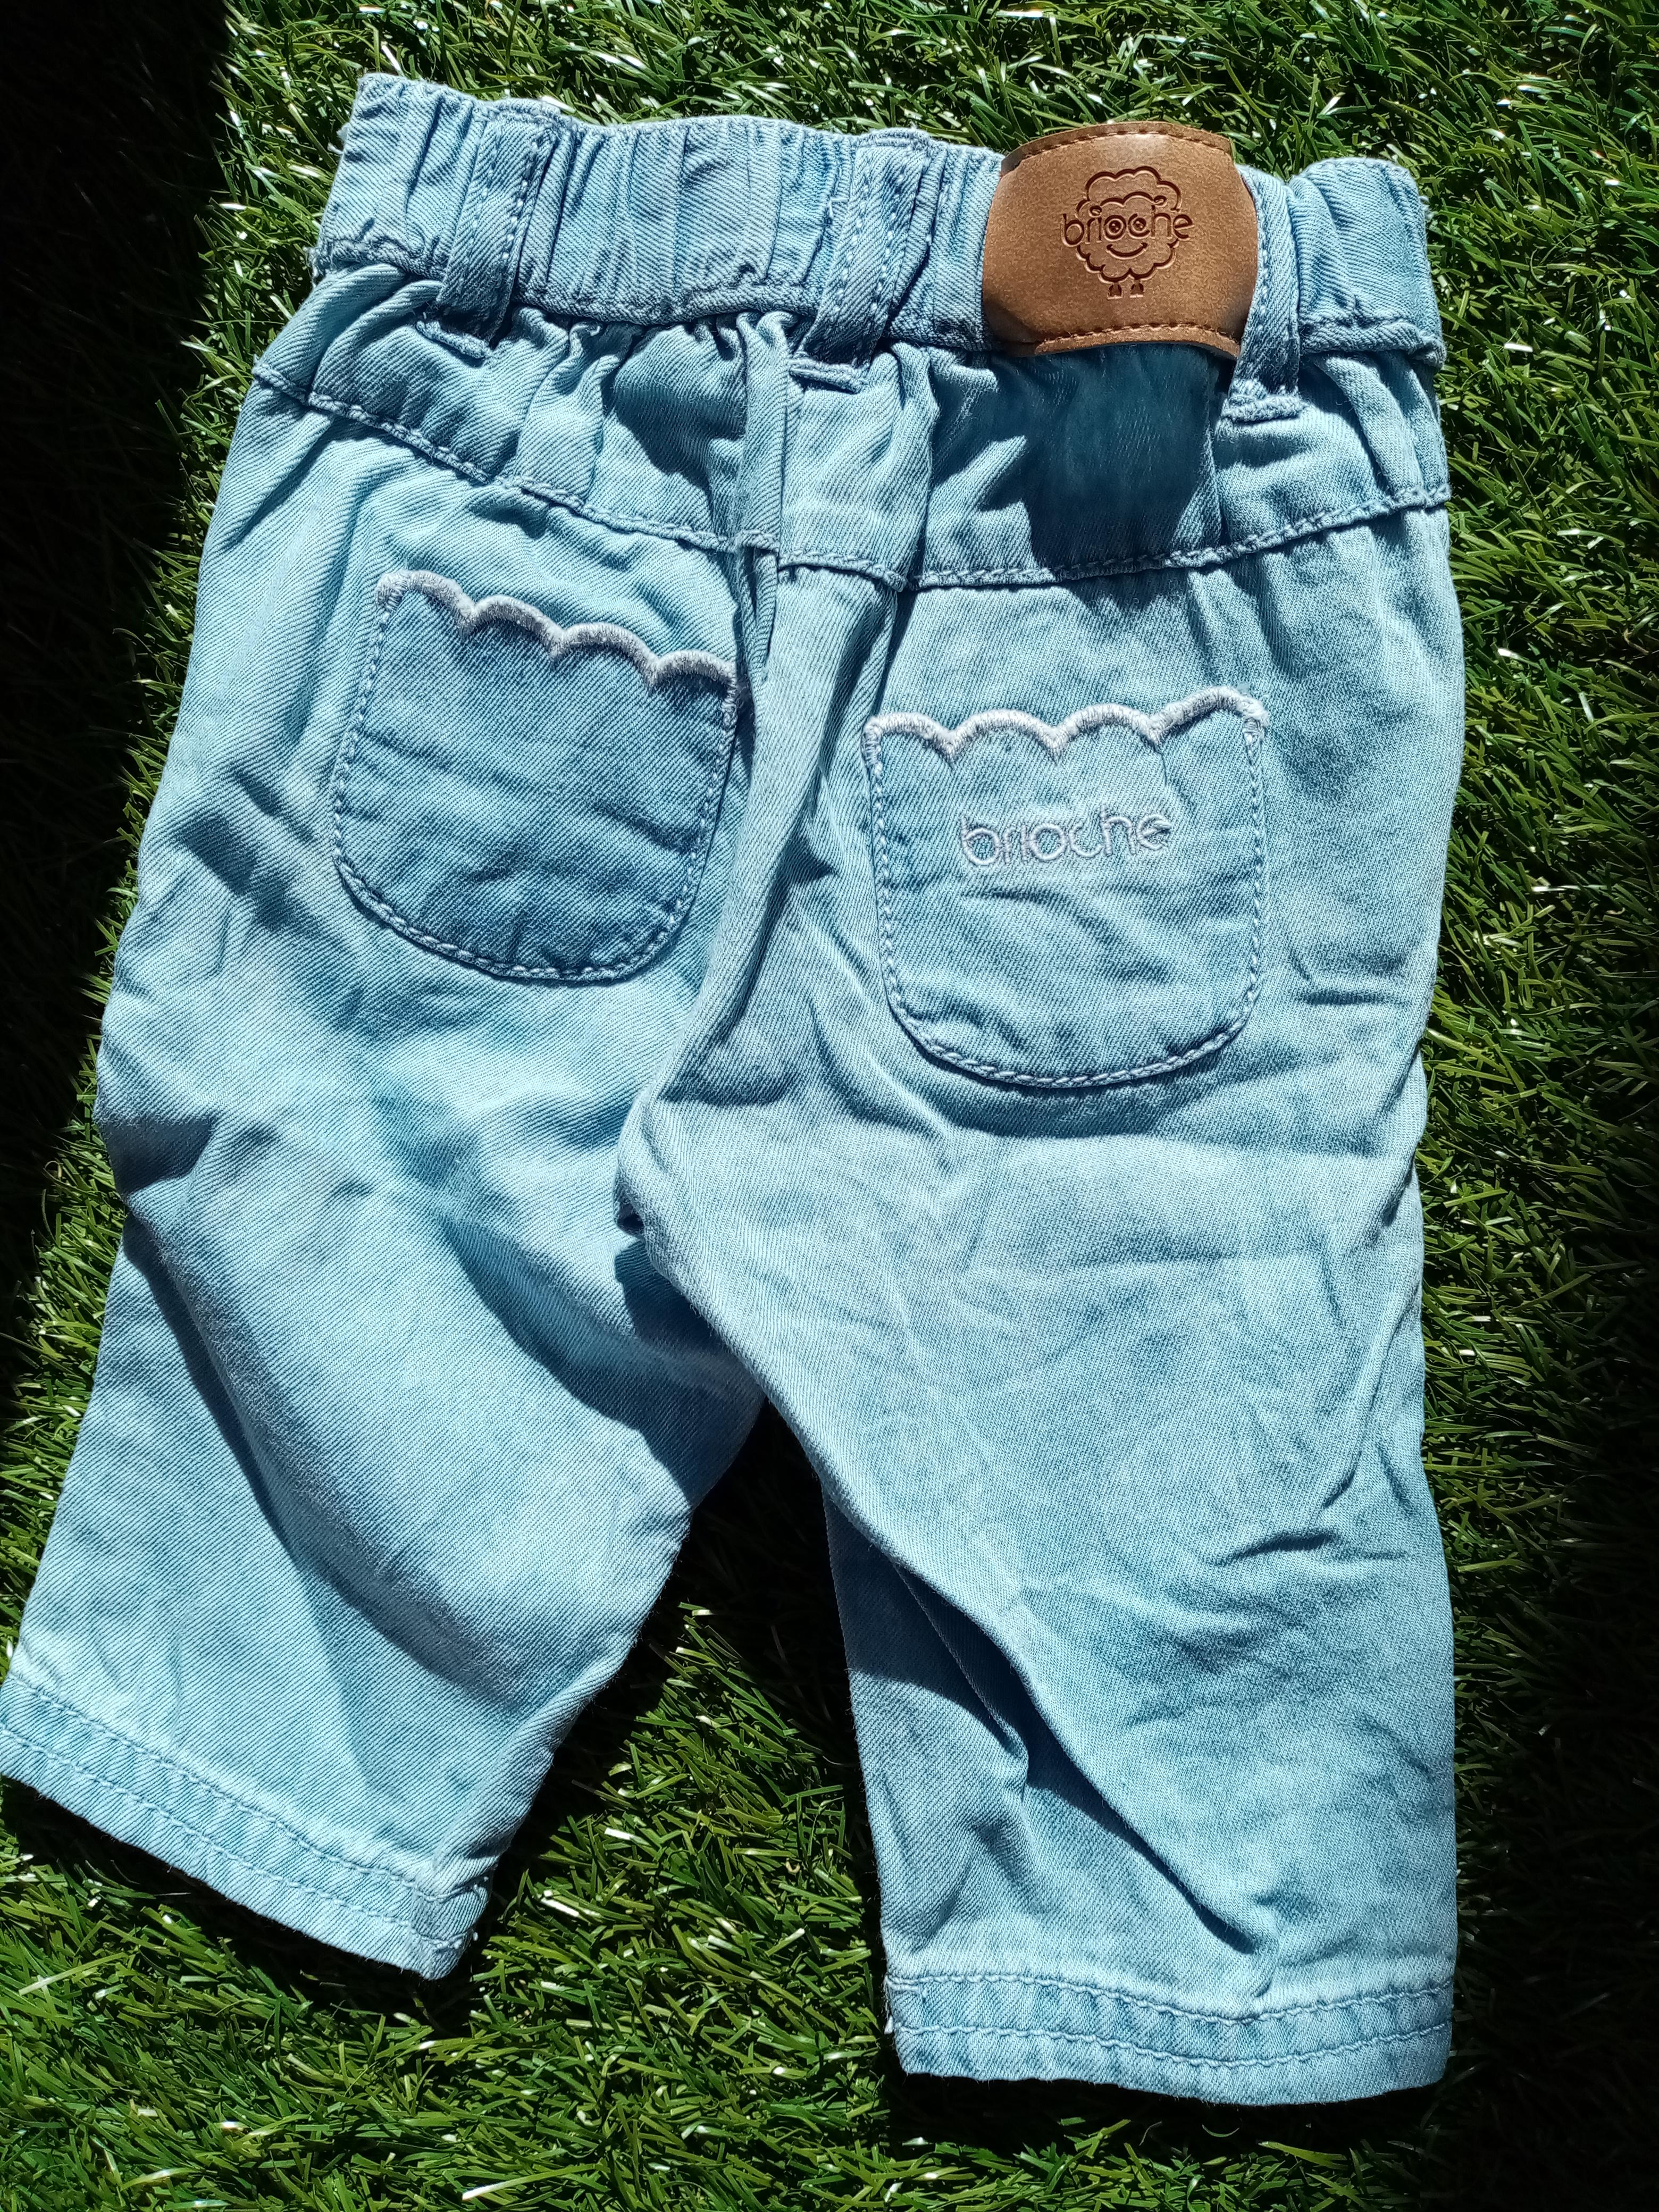 Jeans BRIOCHE 1M